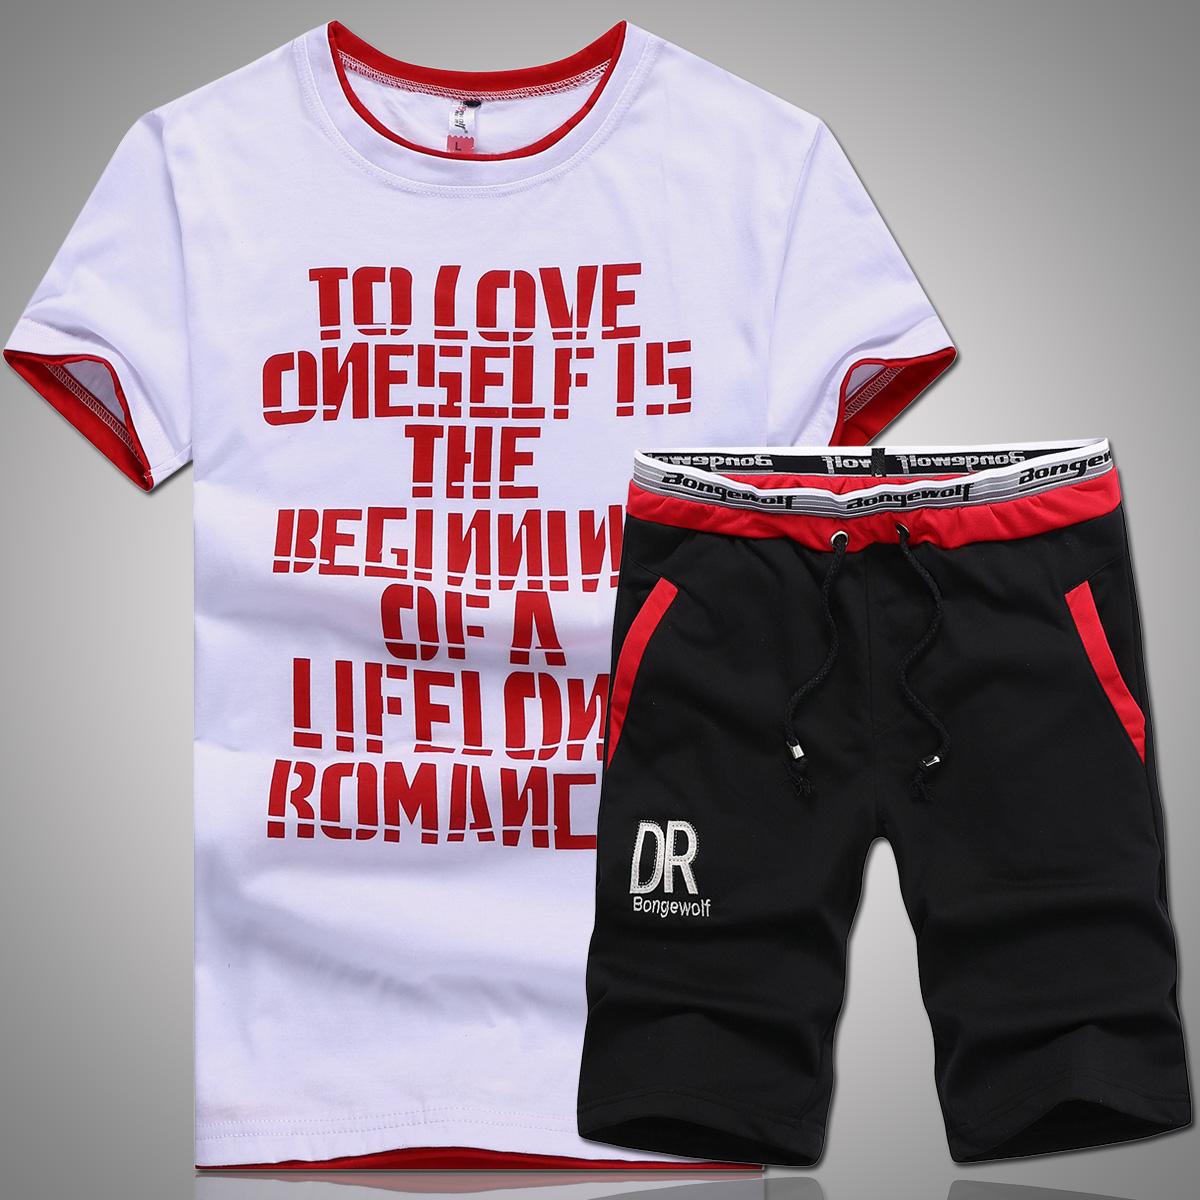 男士运动套装夏季圆领休闲春秋跑步服健身服男夏天青年短袖两件套